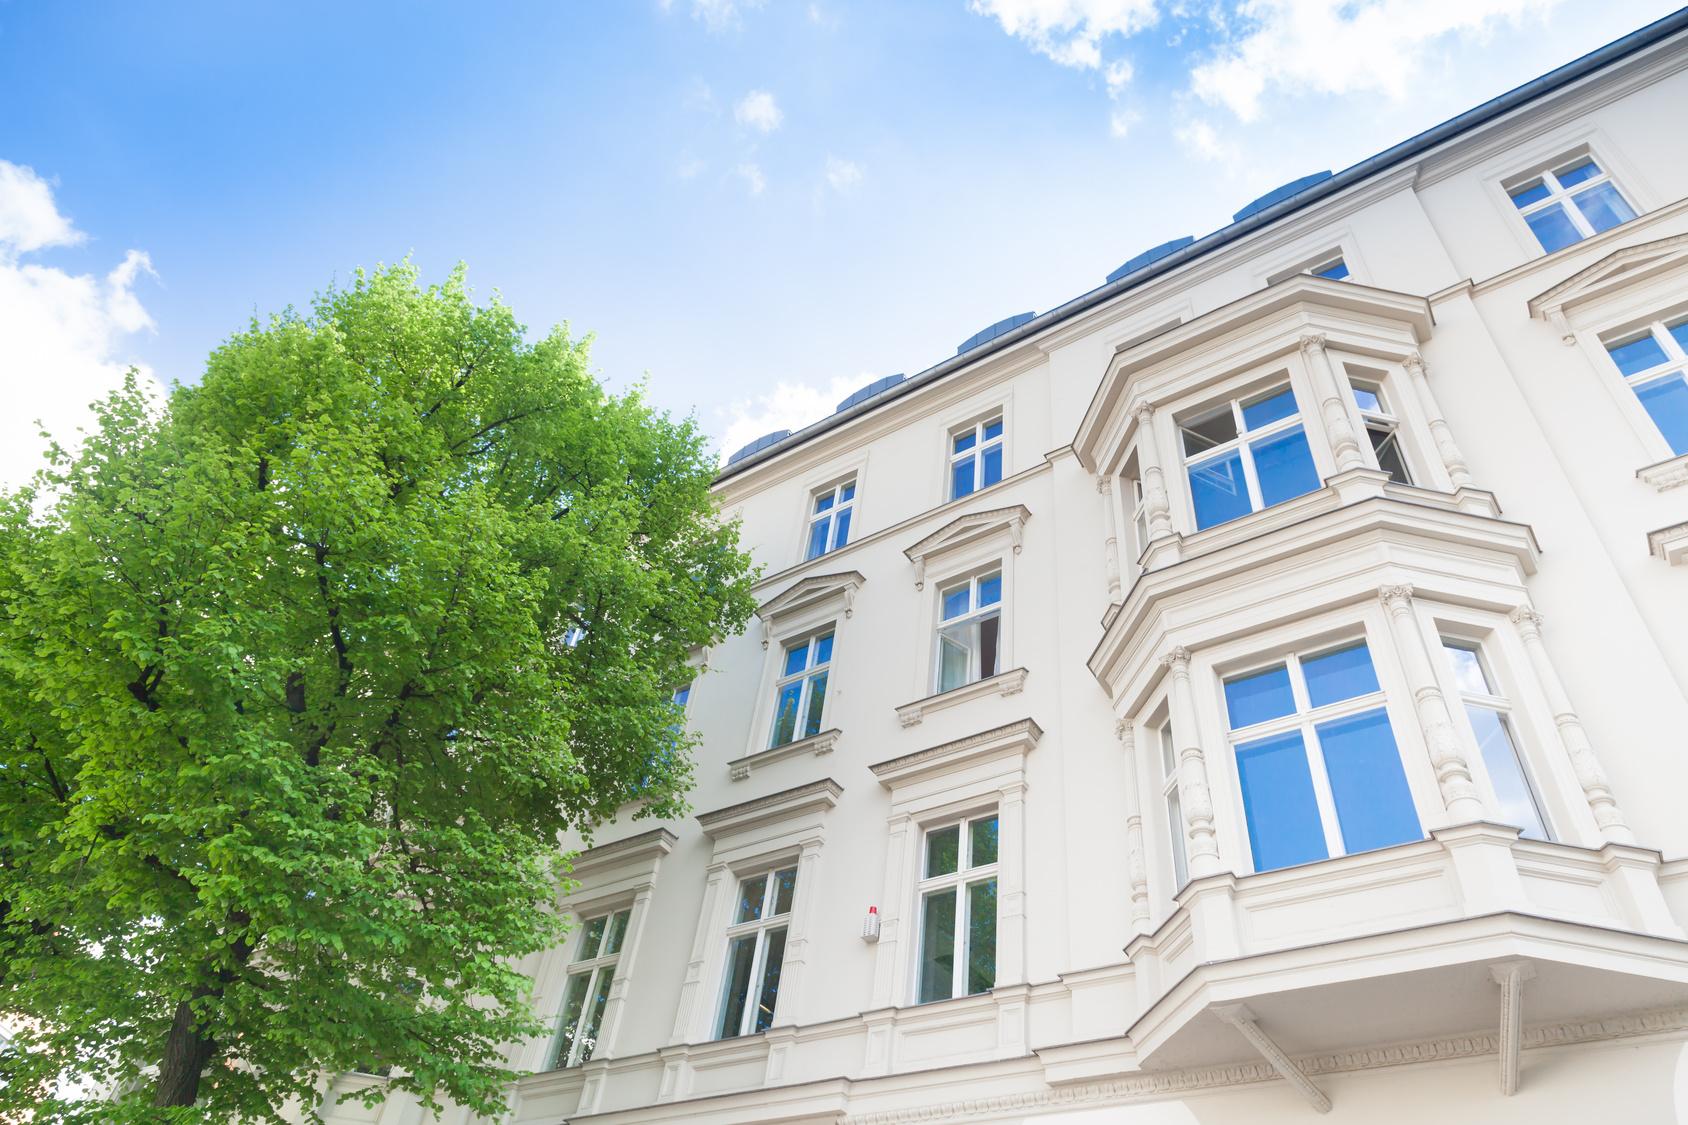 Chancen und Risiken beim Immobilienerwerb